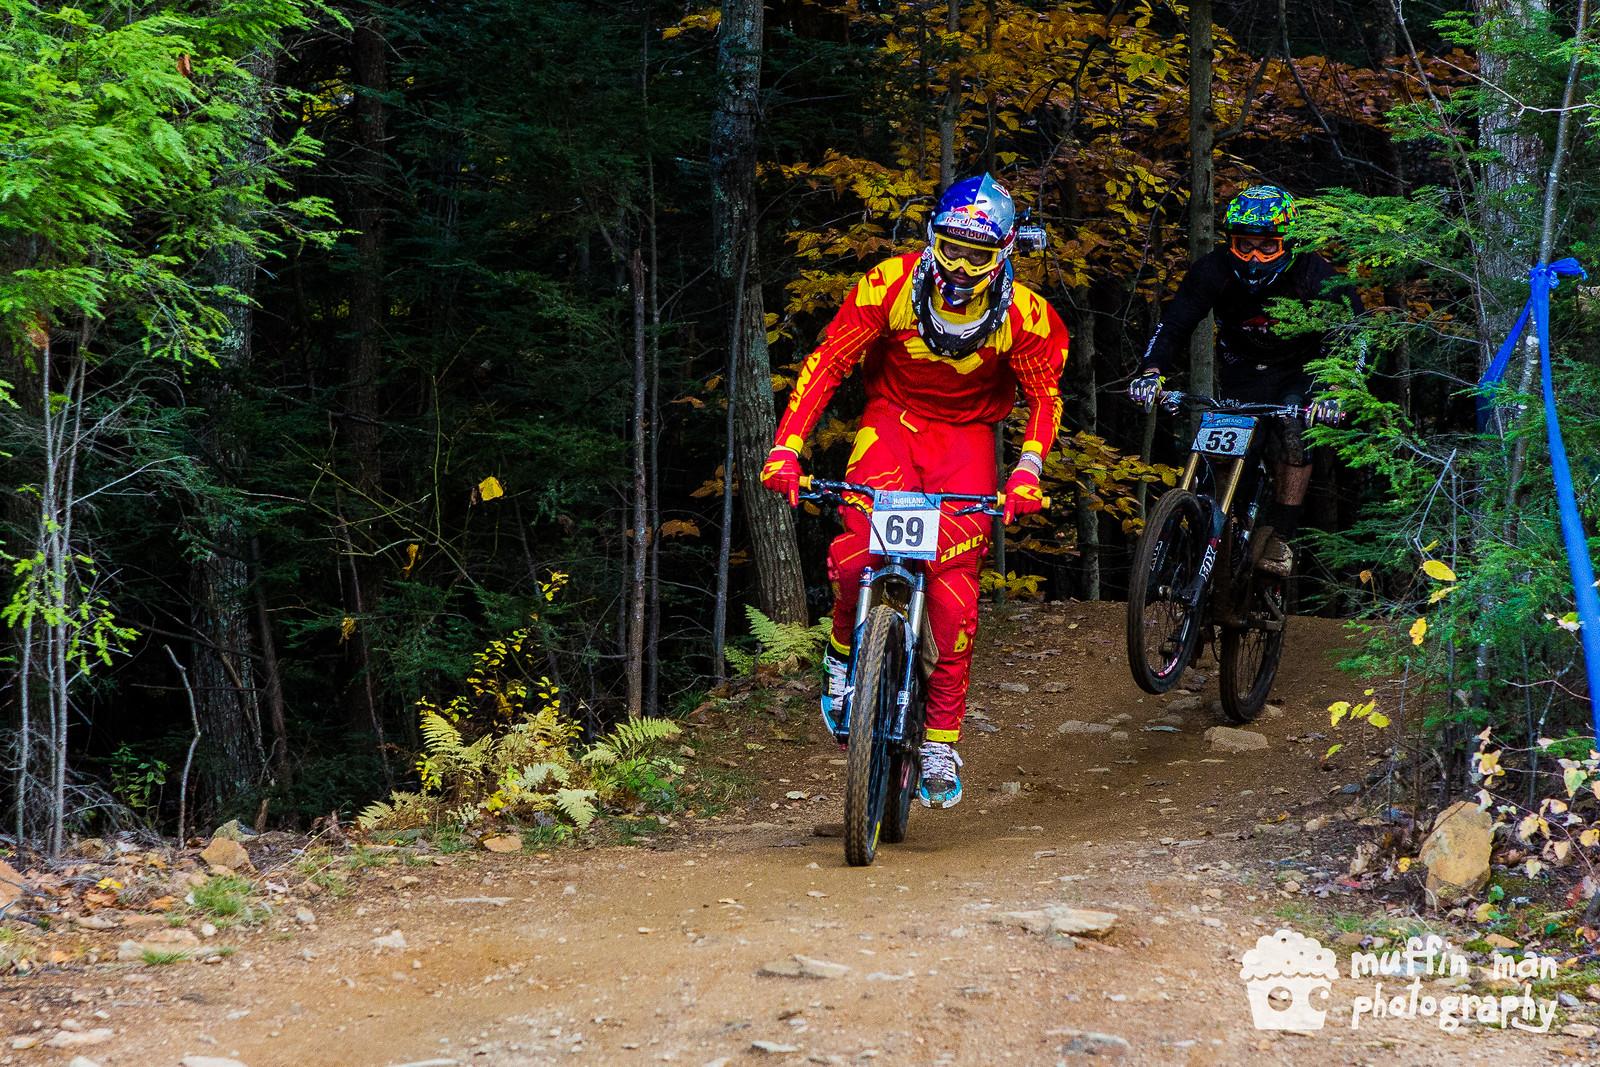 20121021-2I7C0219 - gleb.budilovsky - Mountain Biking Pictures - Vital MTB